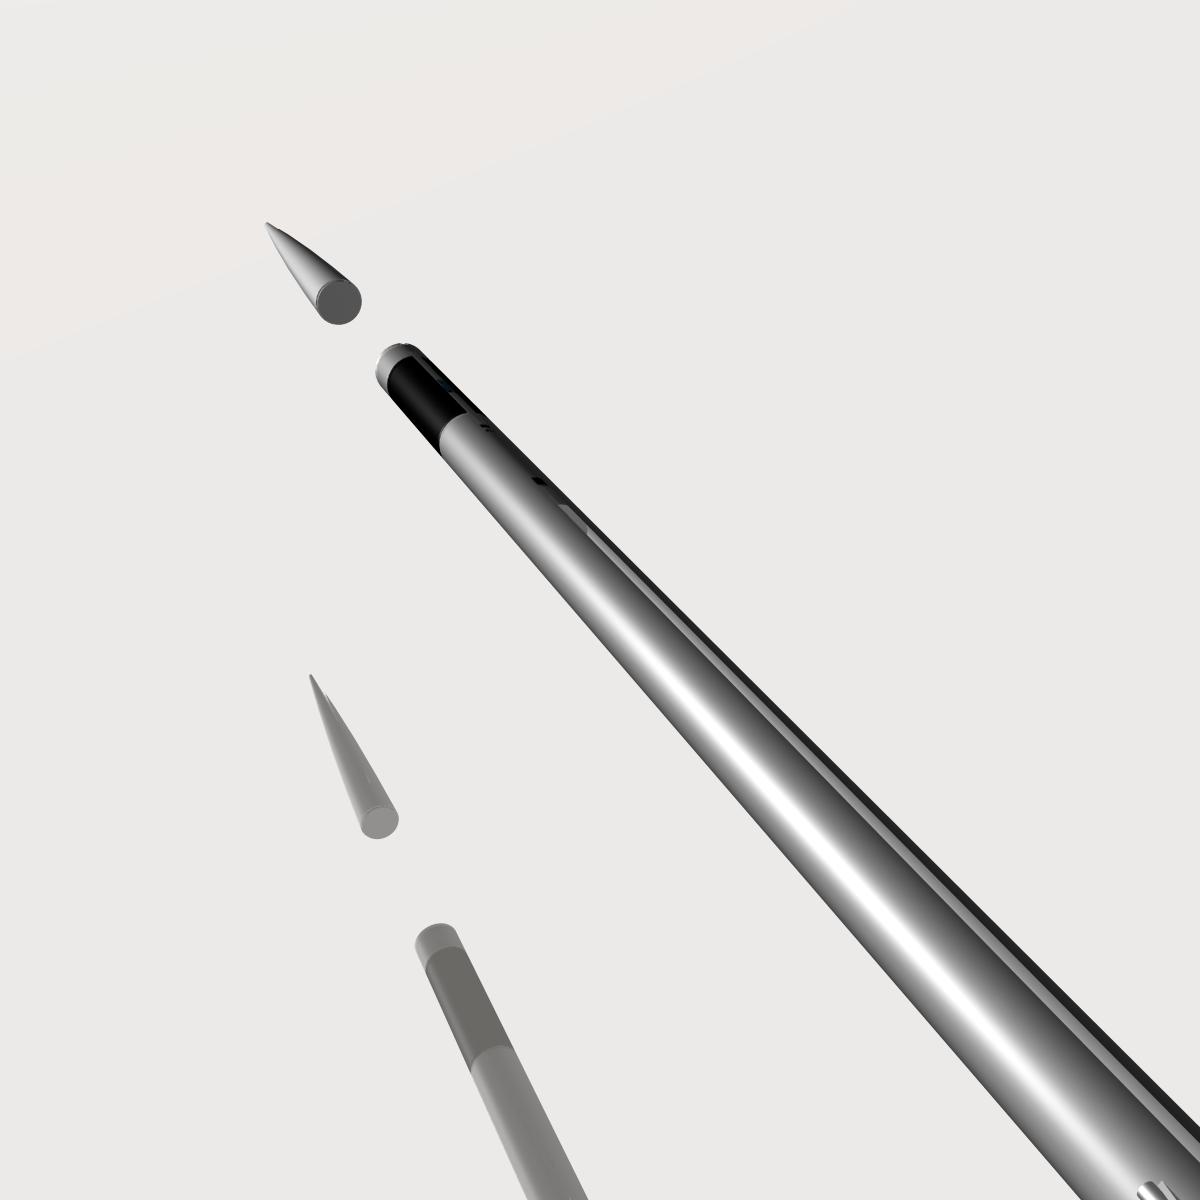 ni roced hopi dart 3d model 3ds dxf cob x obj 152649